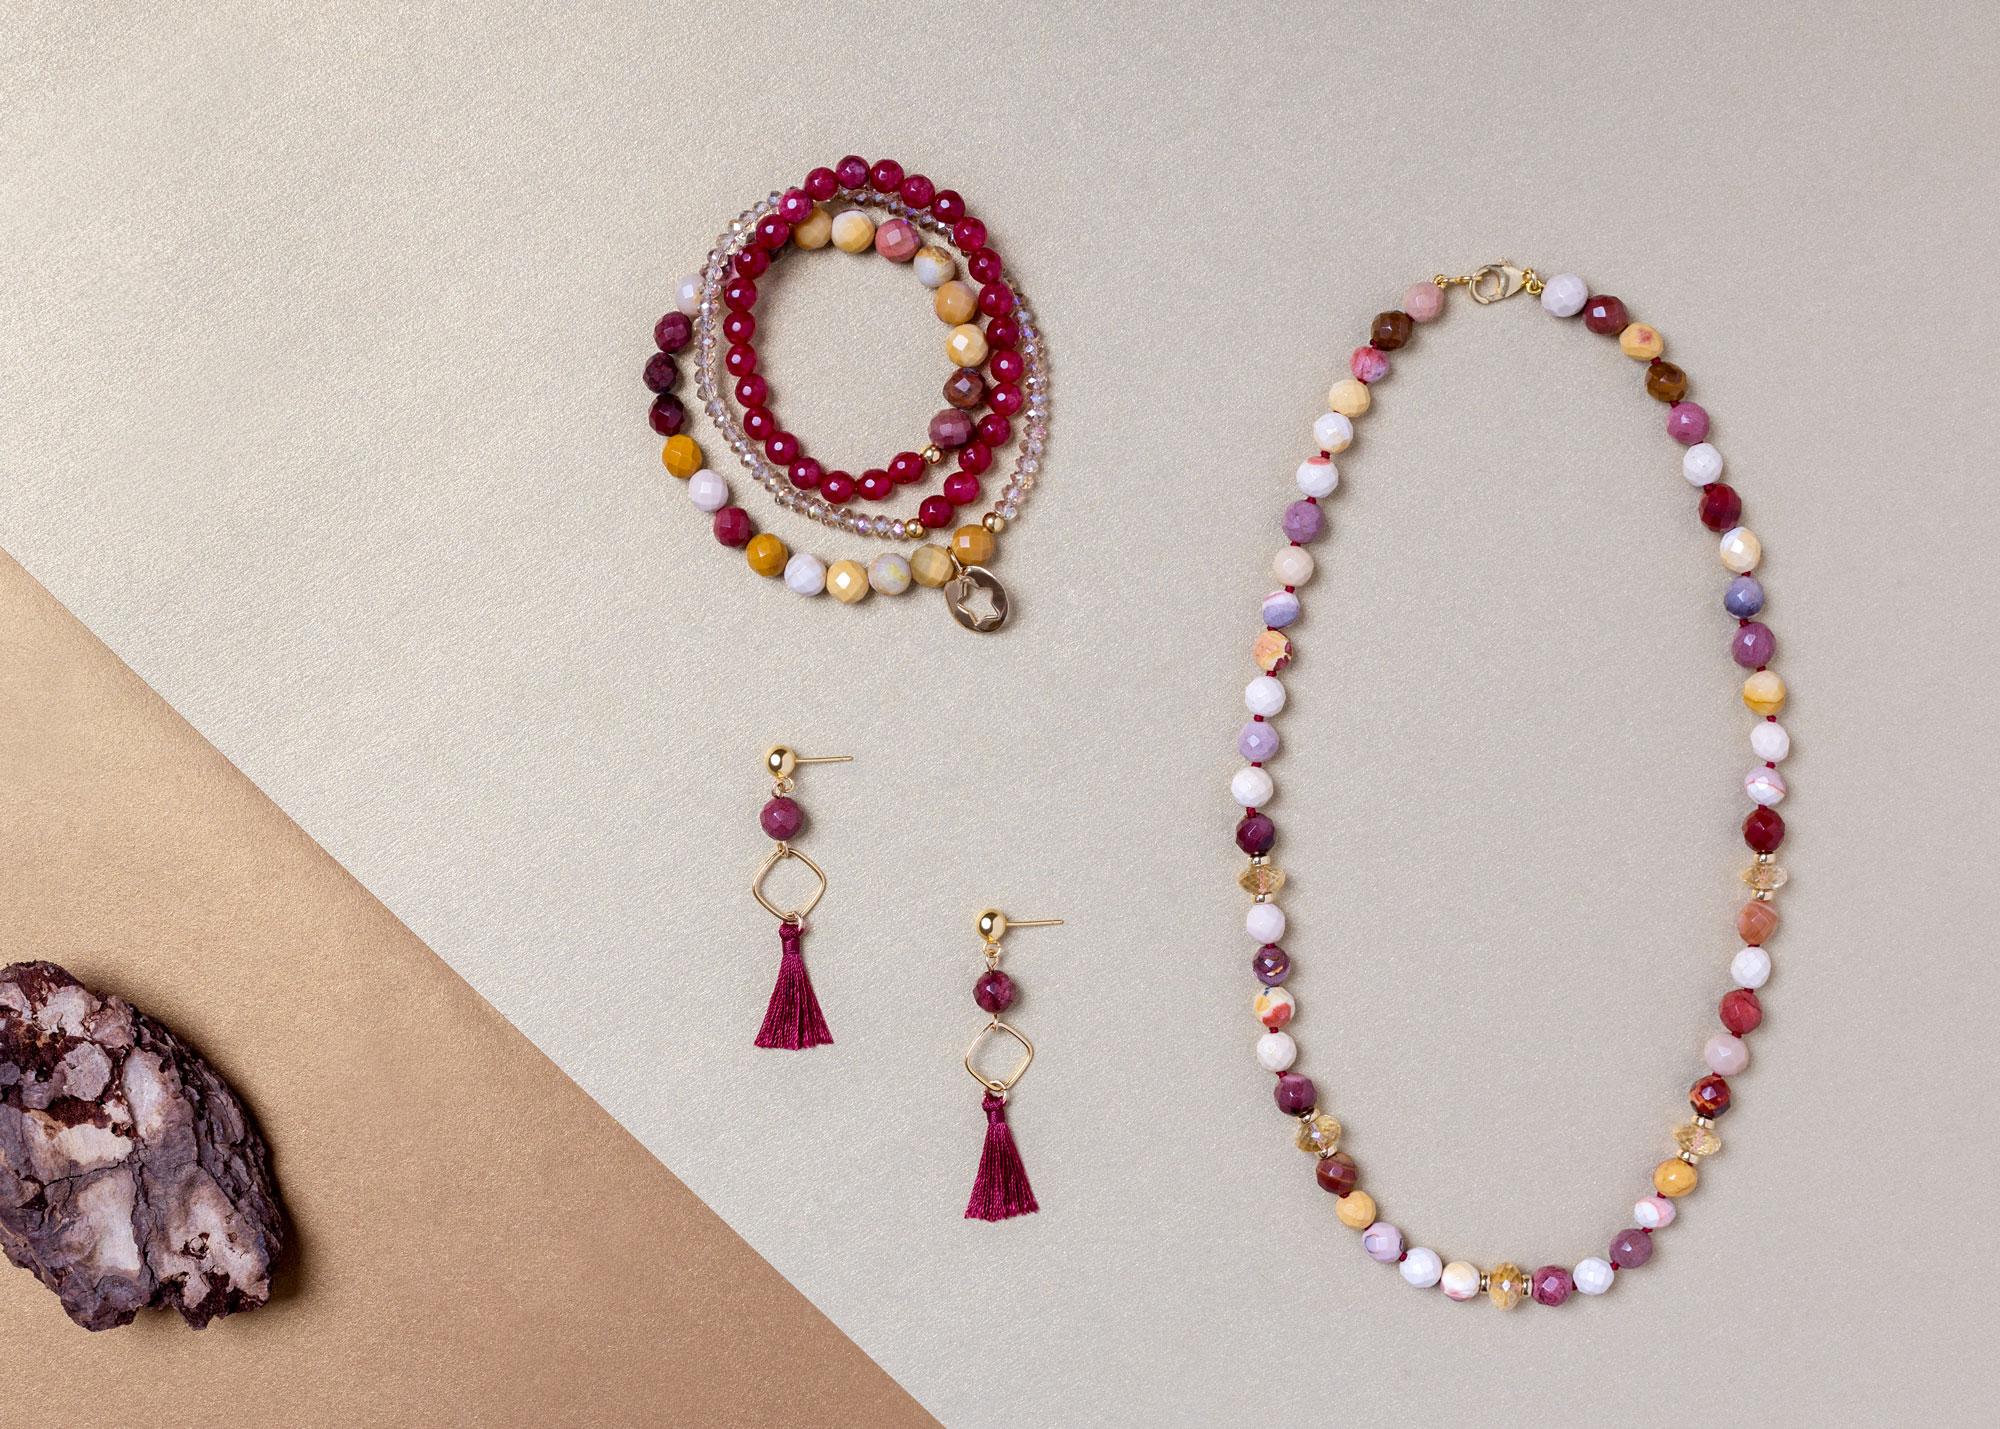 corina-landa-still-life-jewelry-joyeria-photography-marybola-2953.jpg